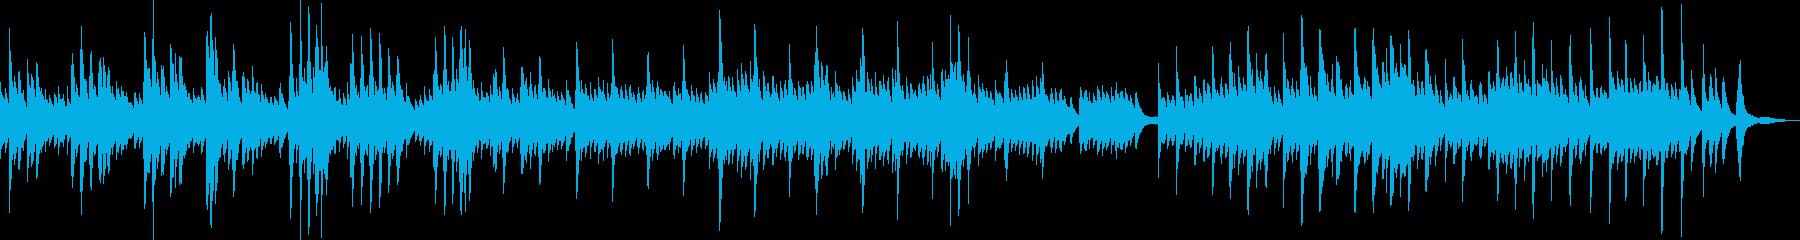 儚くて切ないピアノバラード曲の再生済みの波形